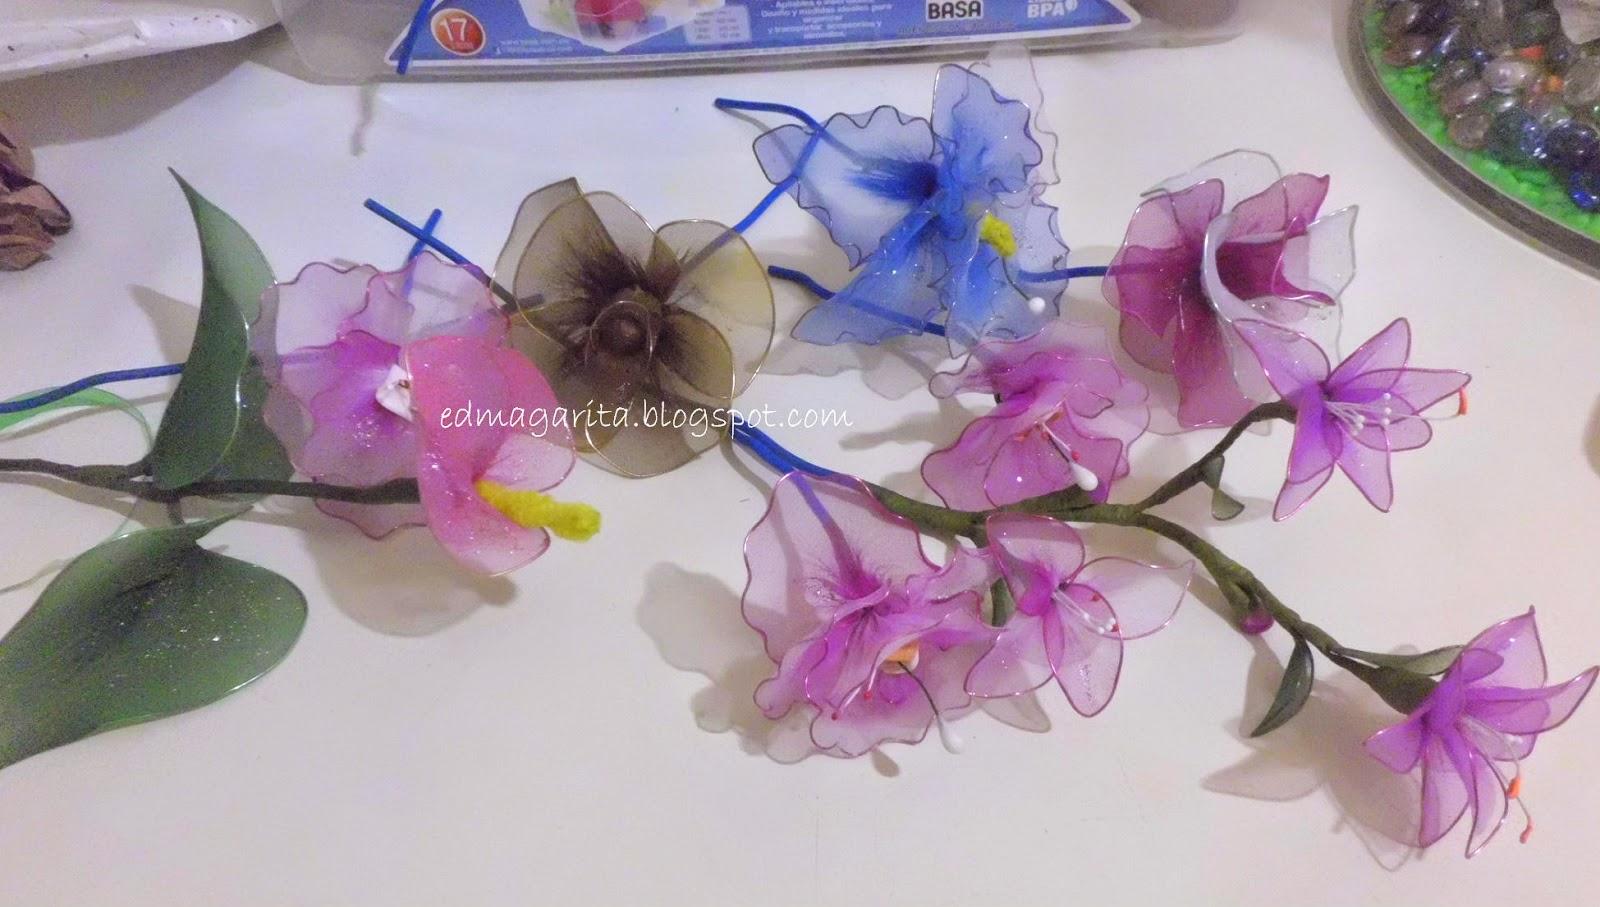 Imagenes de jarrones con flores artificiales - Jarrones flores artificiales ...